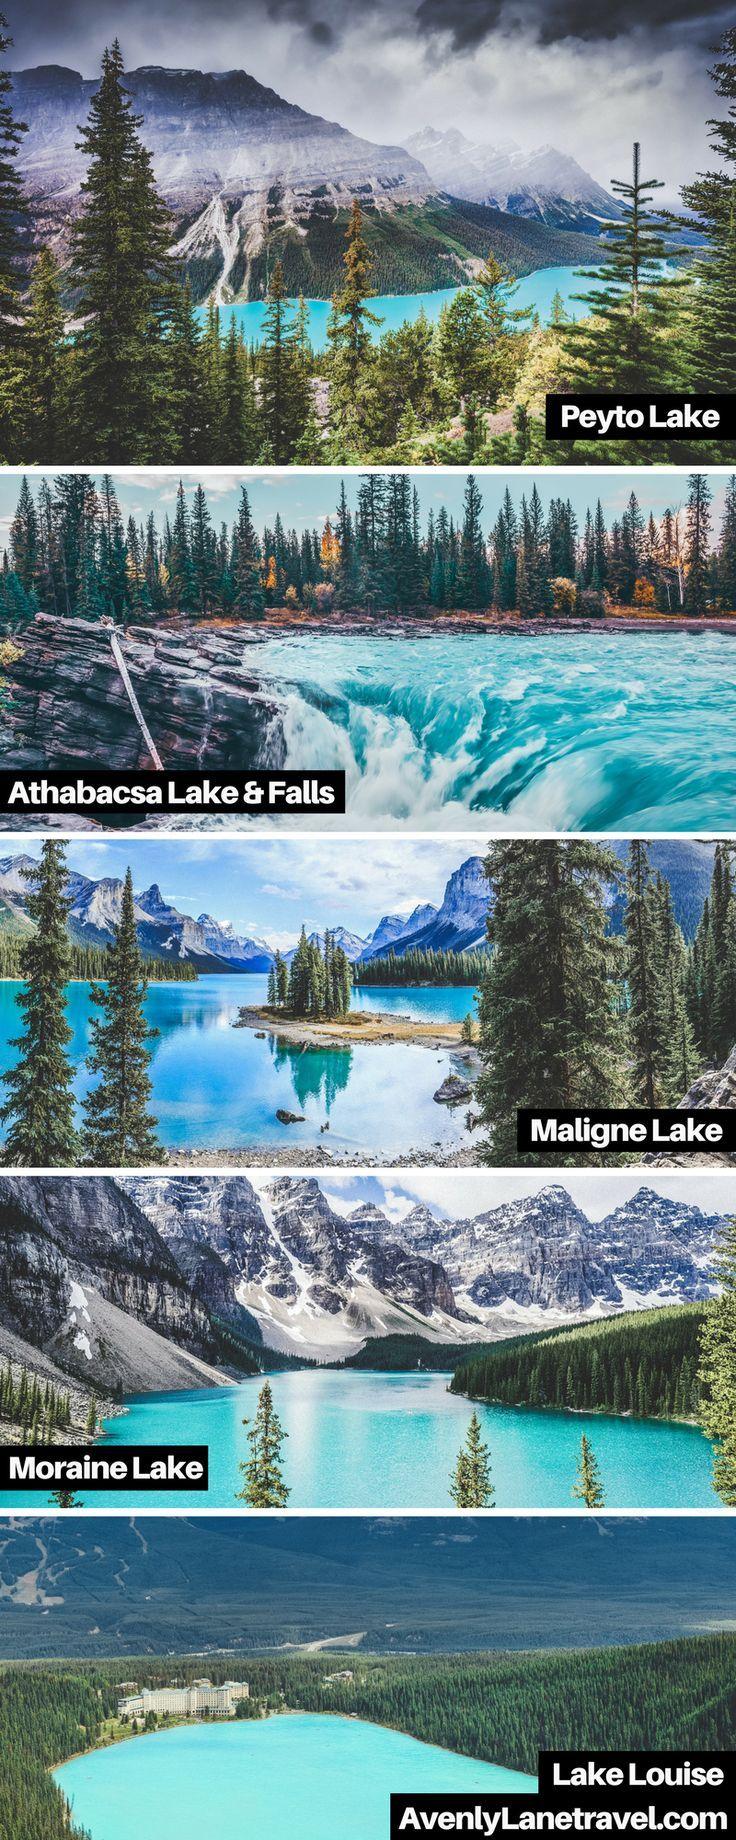 Unglaubliche türkisblaue Seen in Alberta, Kanada! Schmelzende Gletscher können …